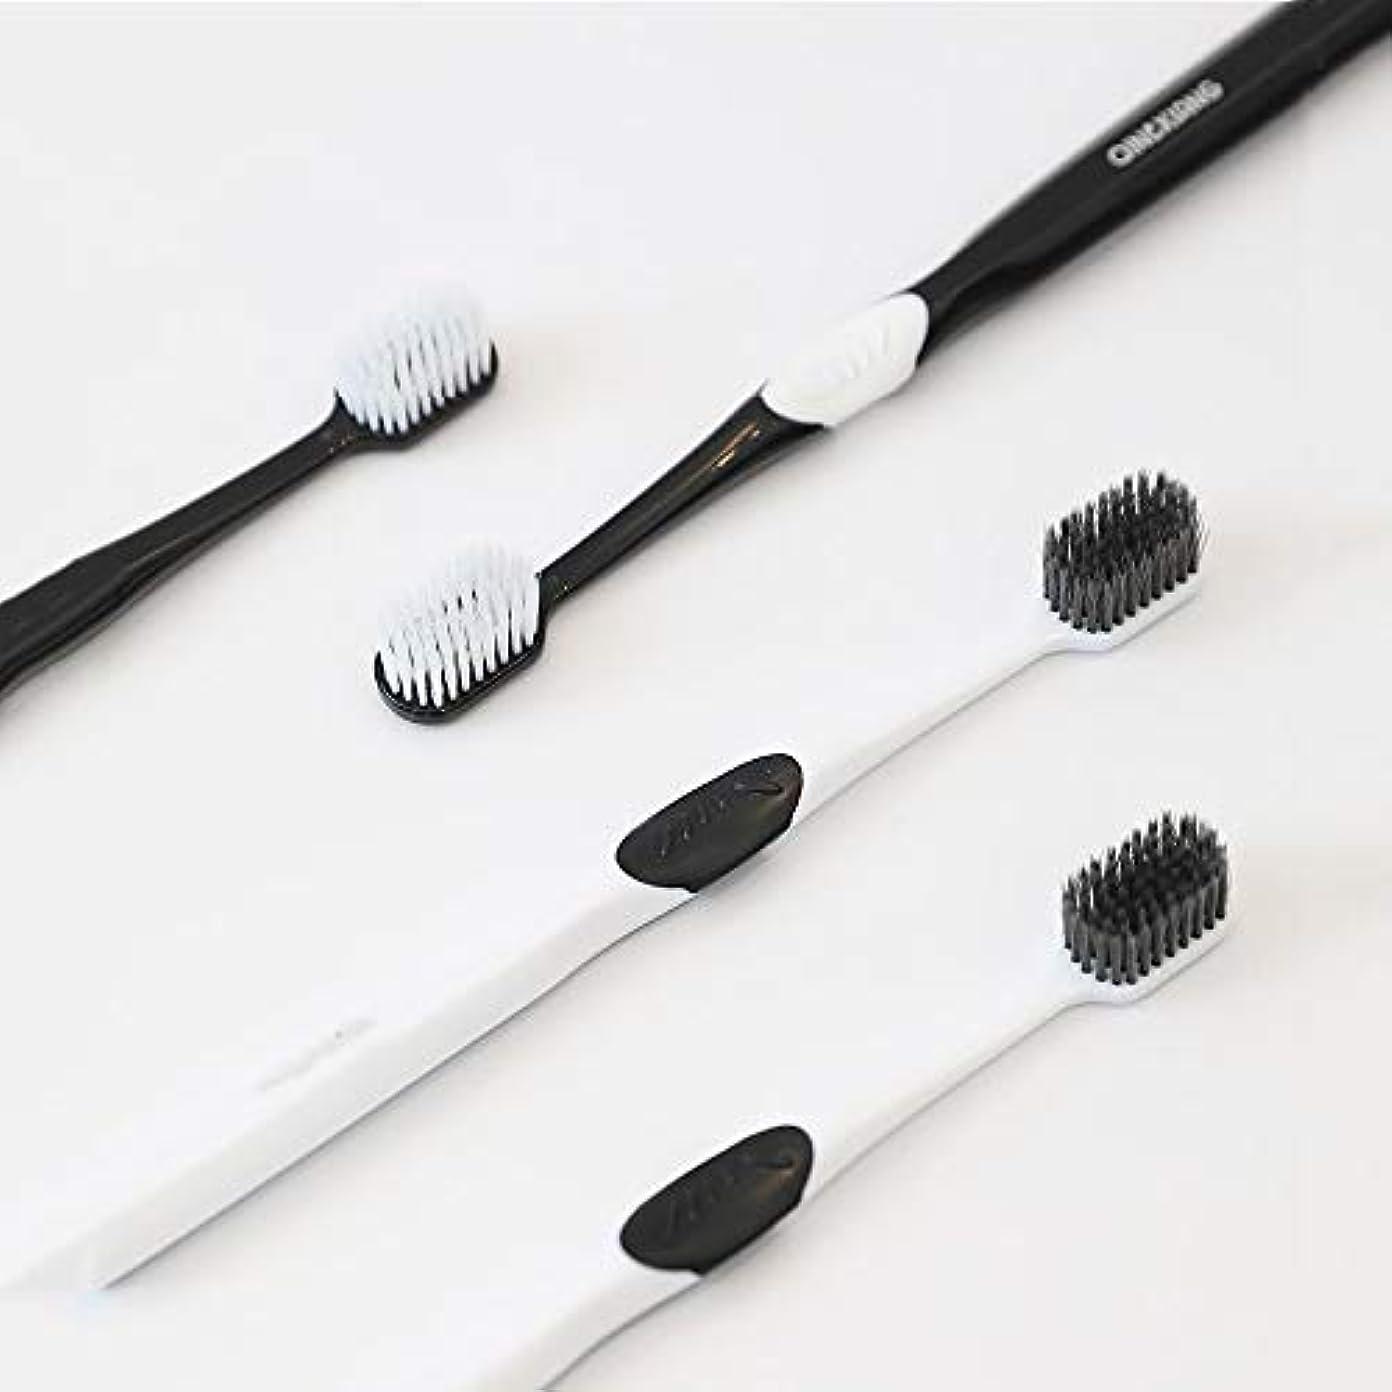 畝間造船費用歯ブラシ 8本の歯ブラシ、歯茎のための新しい小さなブラシヘッド歯ブラシ、バルクアダルトソフト毛先歯ブラシ、ケア HL (サイズ : 8 packs)